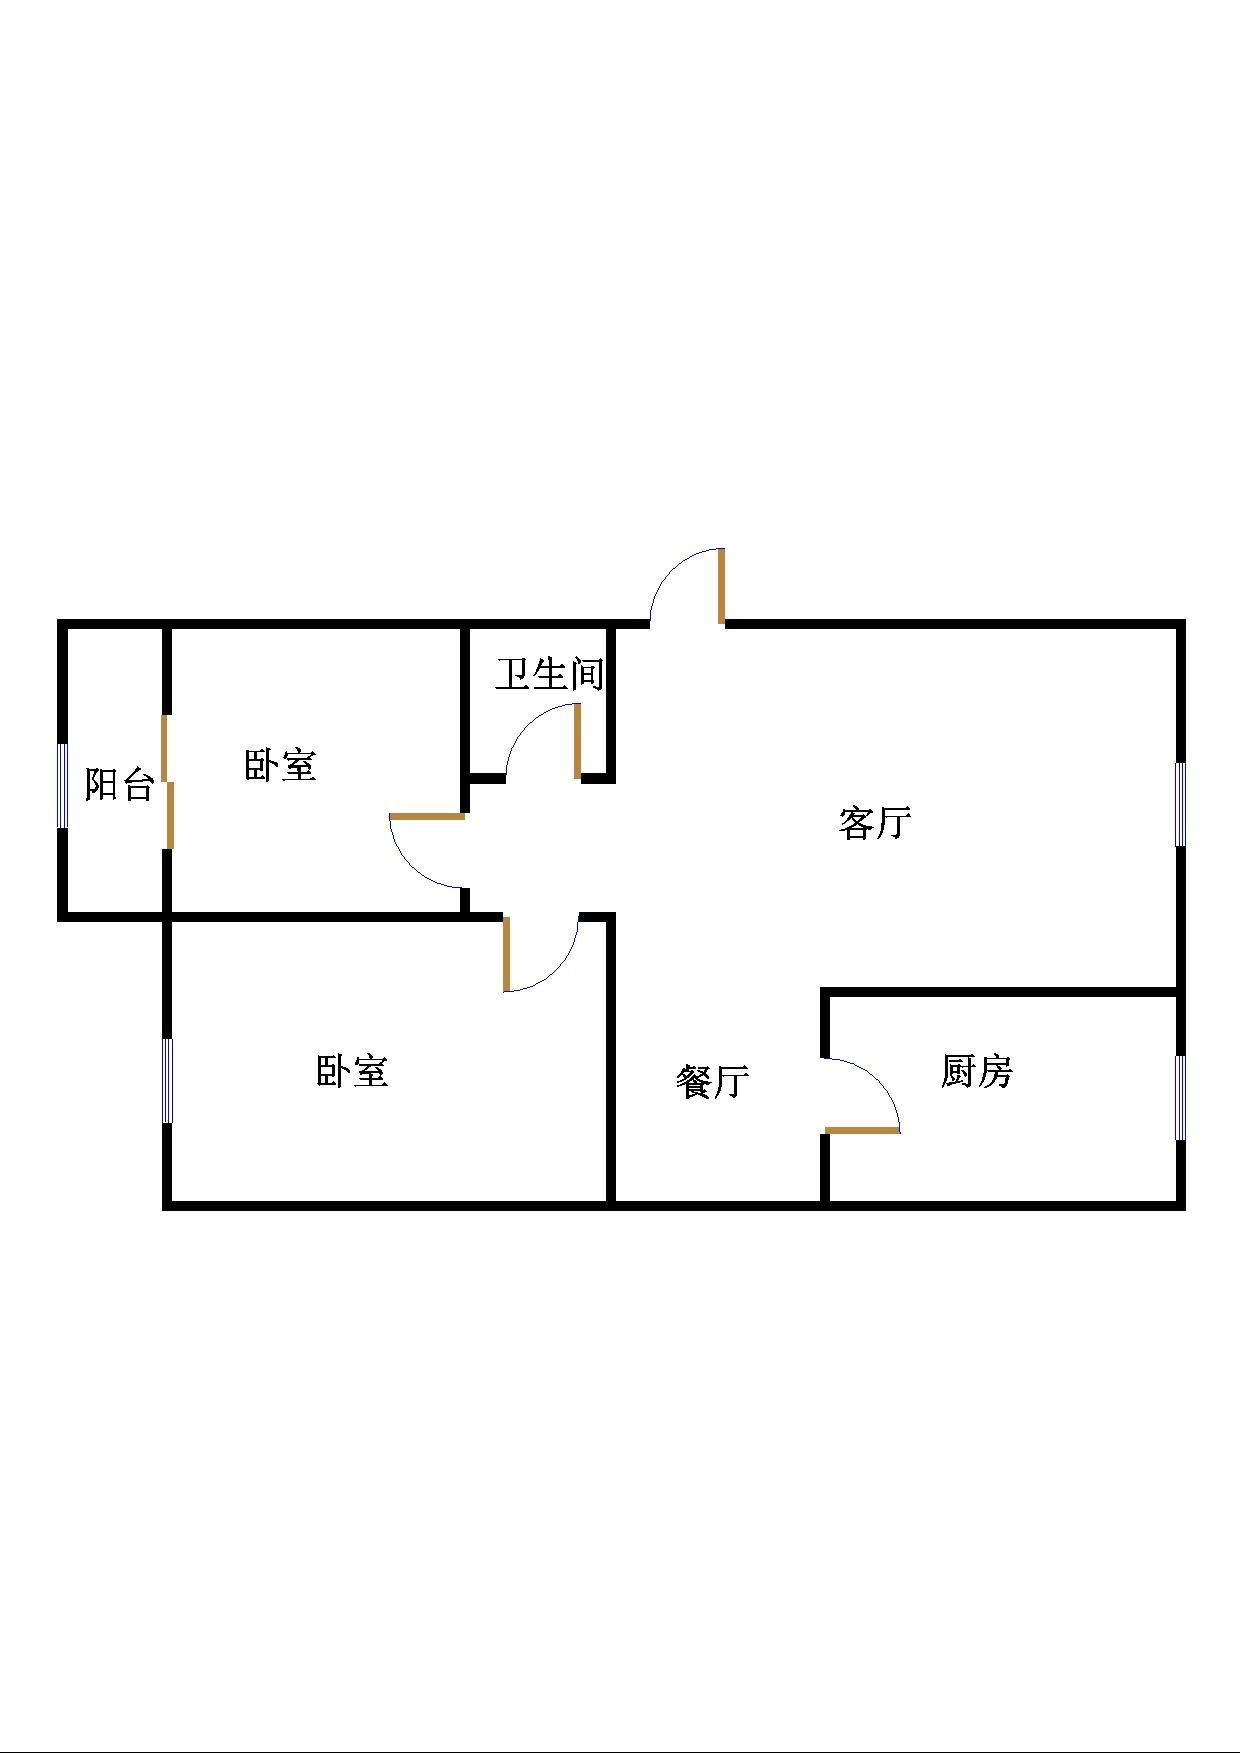 西长新村 2室2厅 5楼